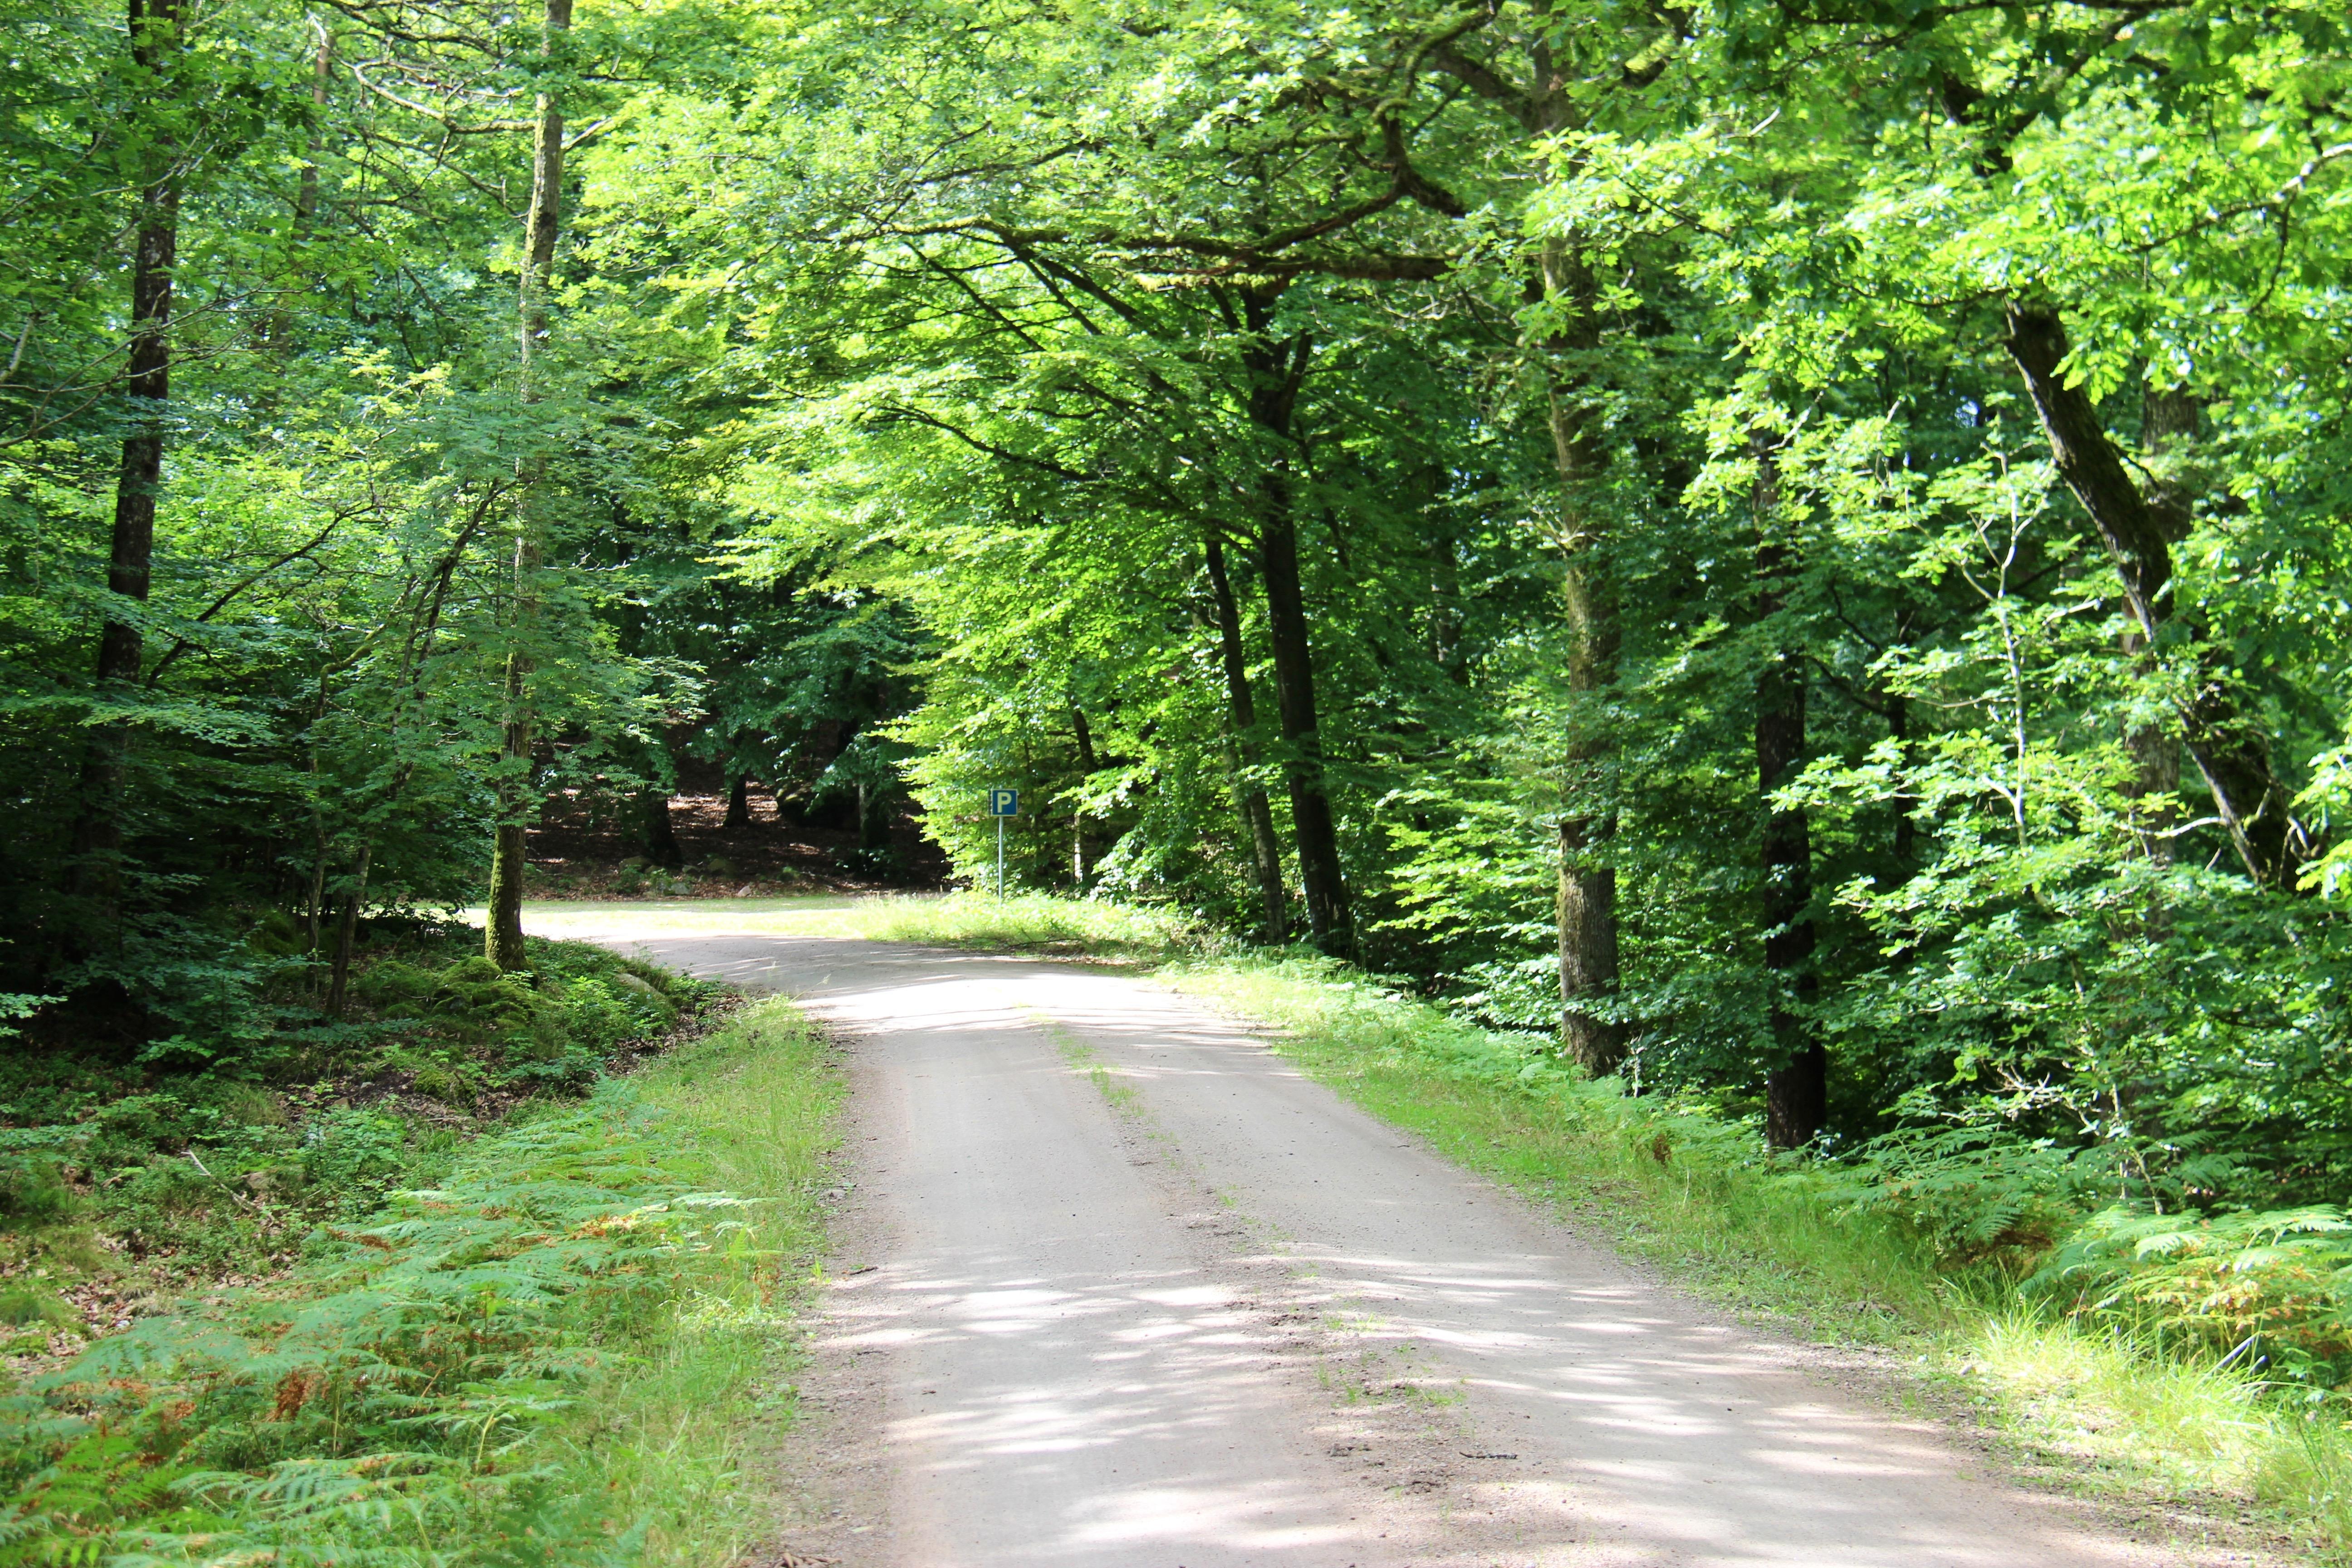 Väg som går genom skog, stoppskylt längst bort